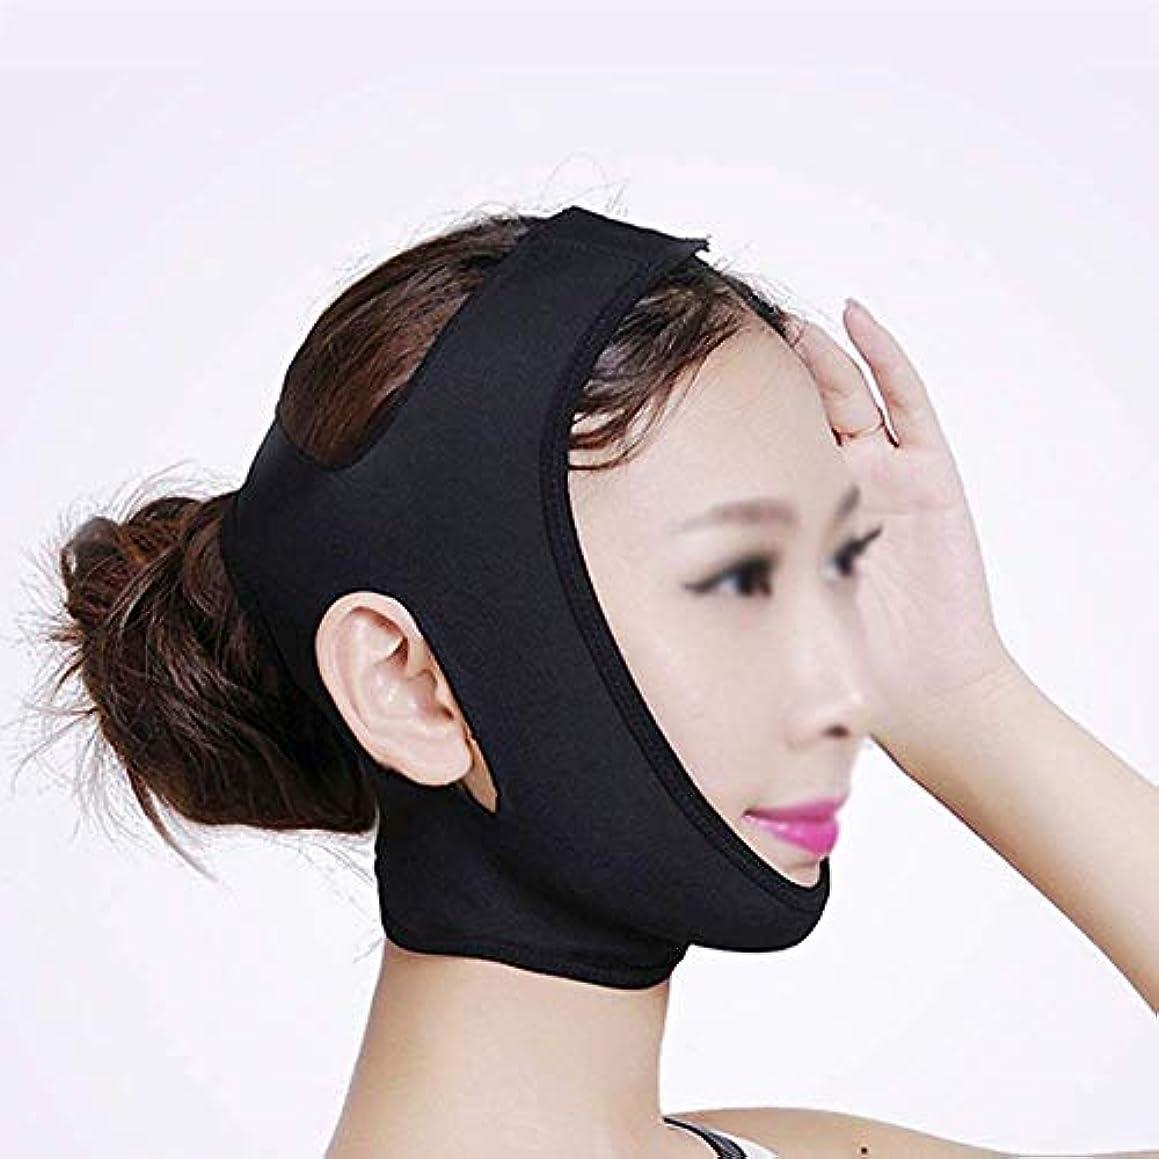 モナリザエレメンタル懐疑的フェイシャル減量マスクリフティングフェイス、フェイスマスク、減量包帯を除去するためのダブルチン、フェイシャルリフティング包帯、ダブルチンを減らすためのリフティングベルト(カラー:ブラック、サイズ:M),黒、S